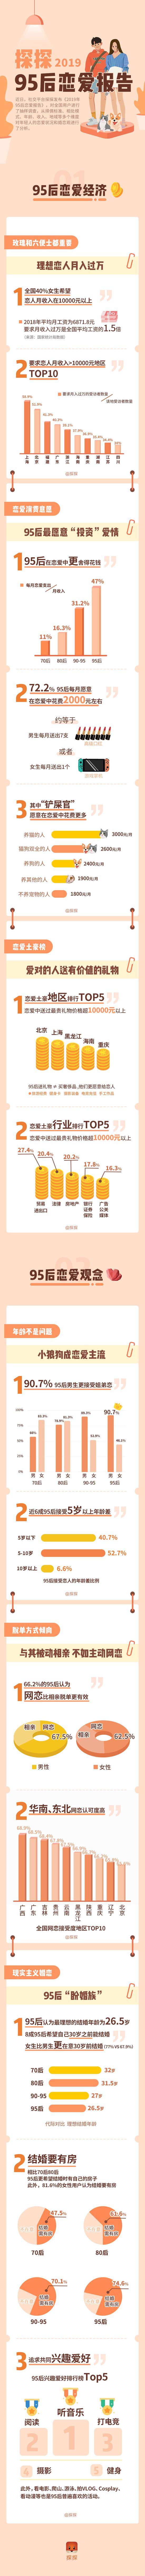 《95后恋爱报告》发布 7成以上愿每年花2.4万谈恋爱